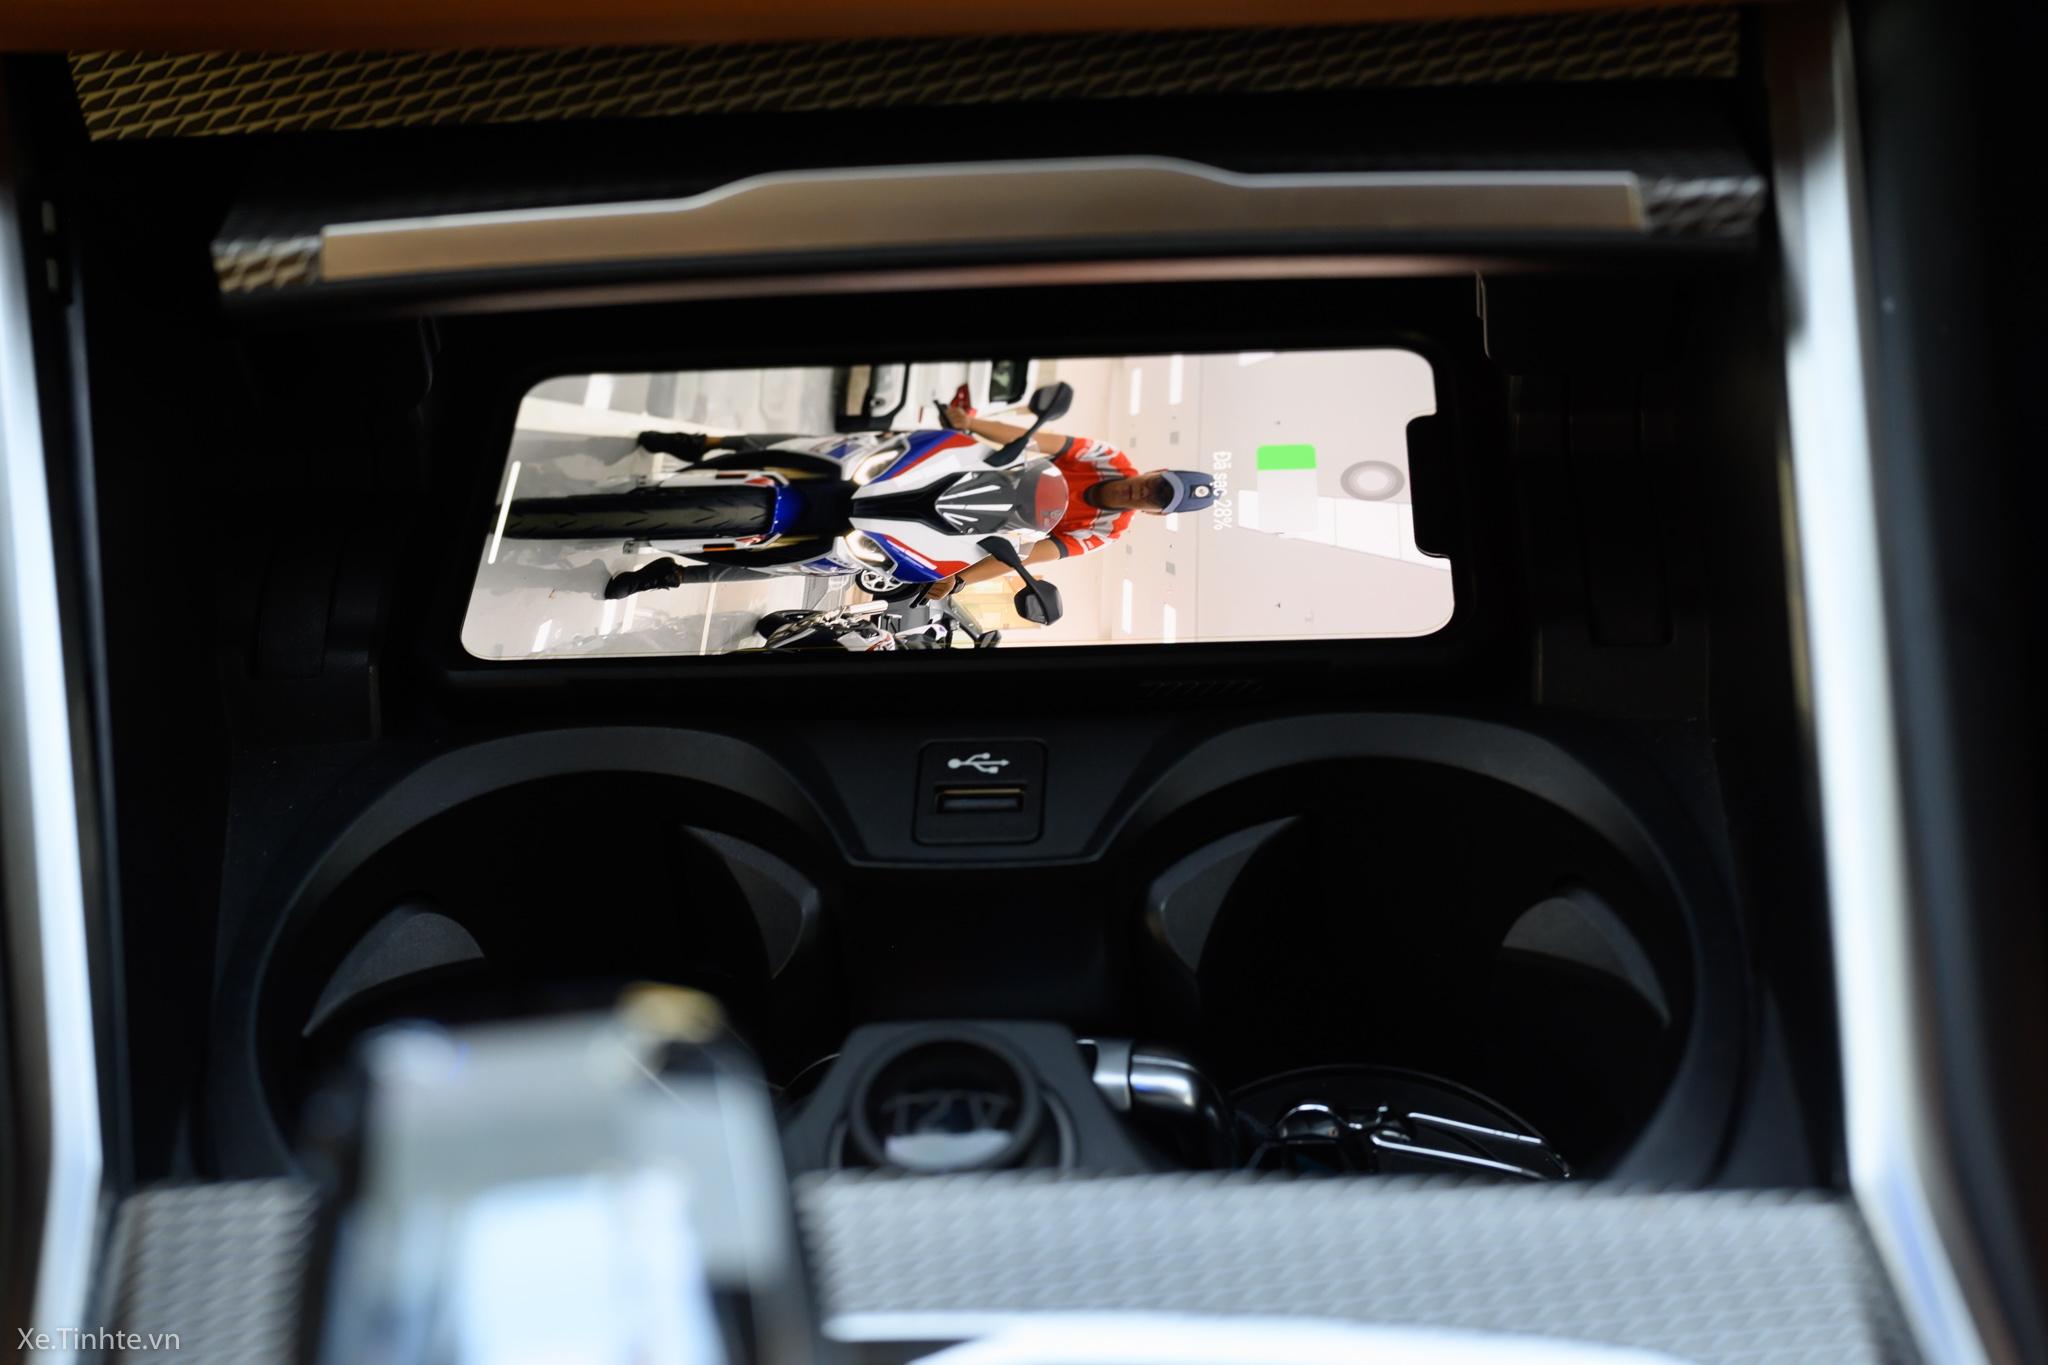 trên_tay_BMW_330i_độ_gần_1 tỷ_chính_hãng-0233.jpg